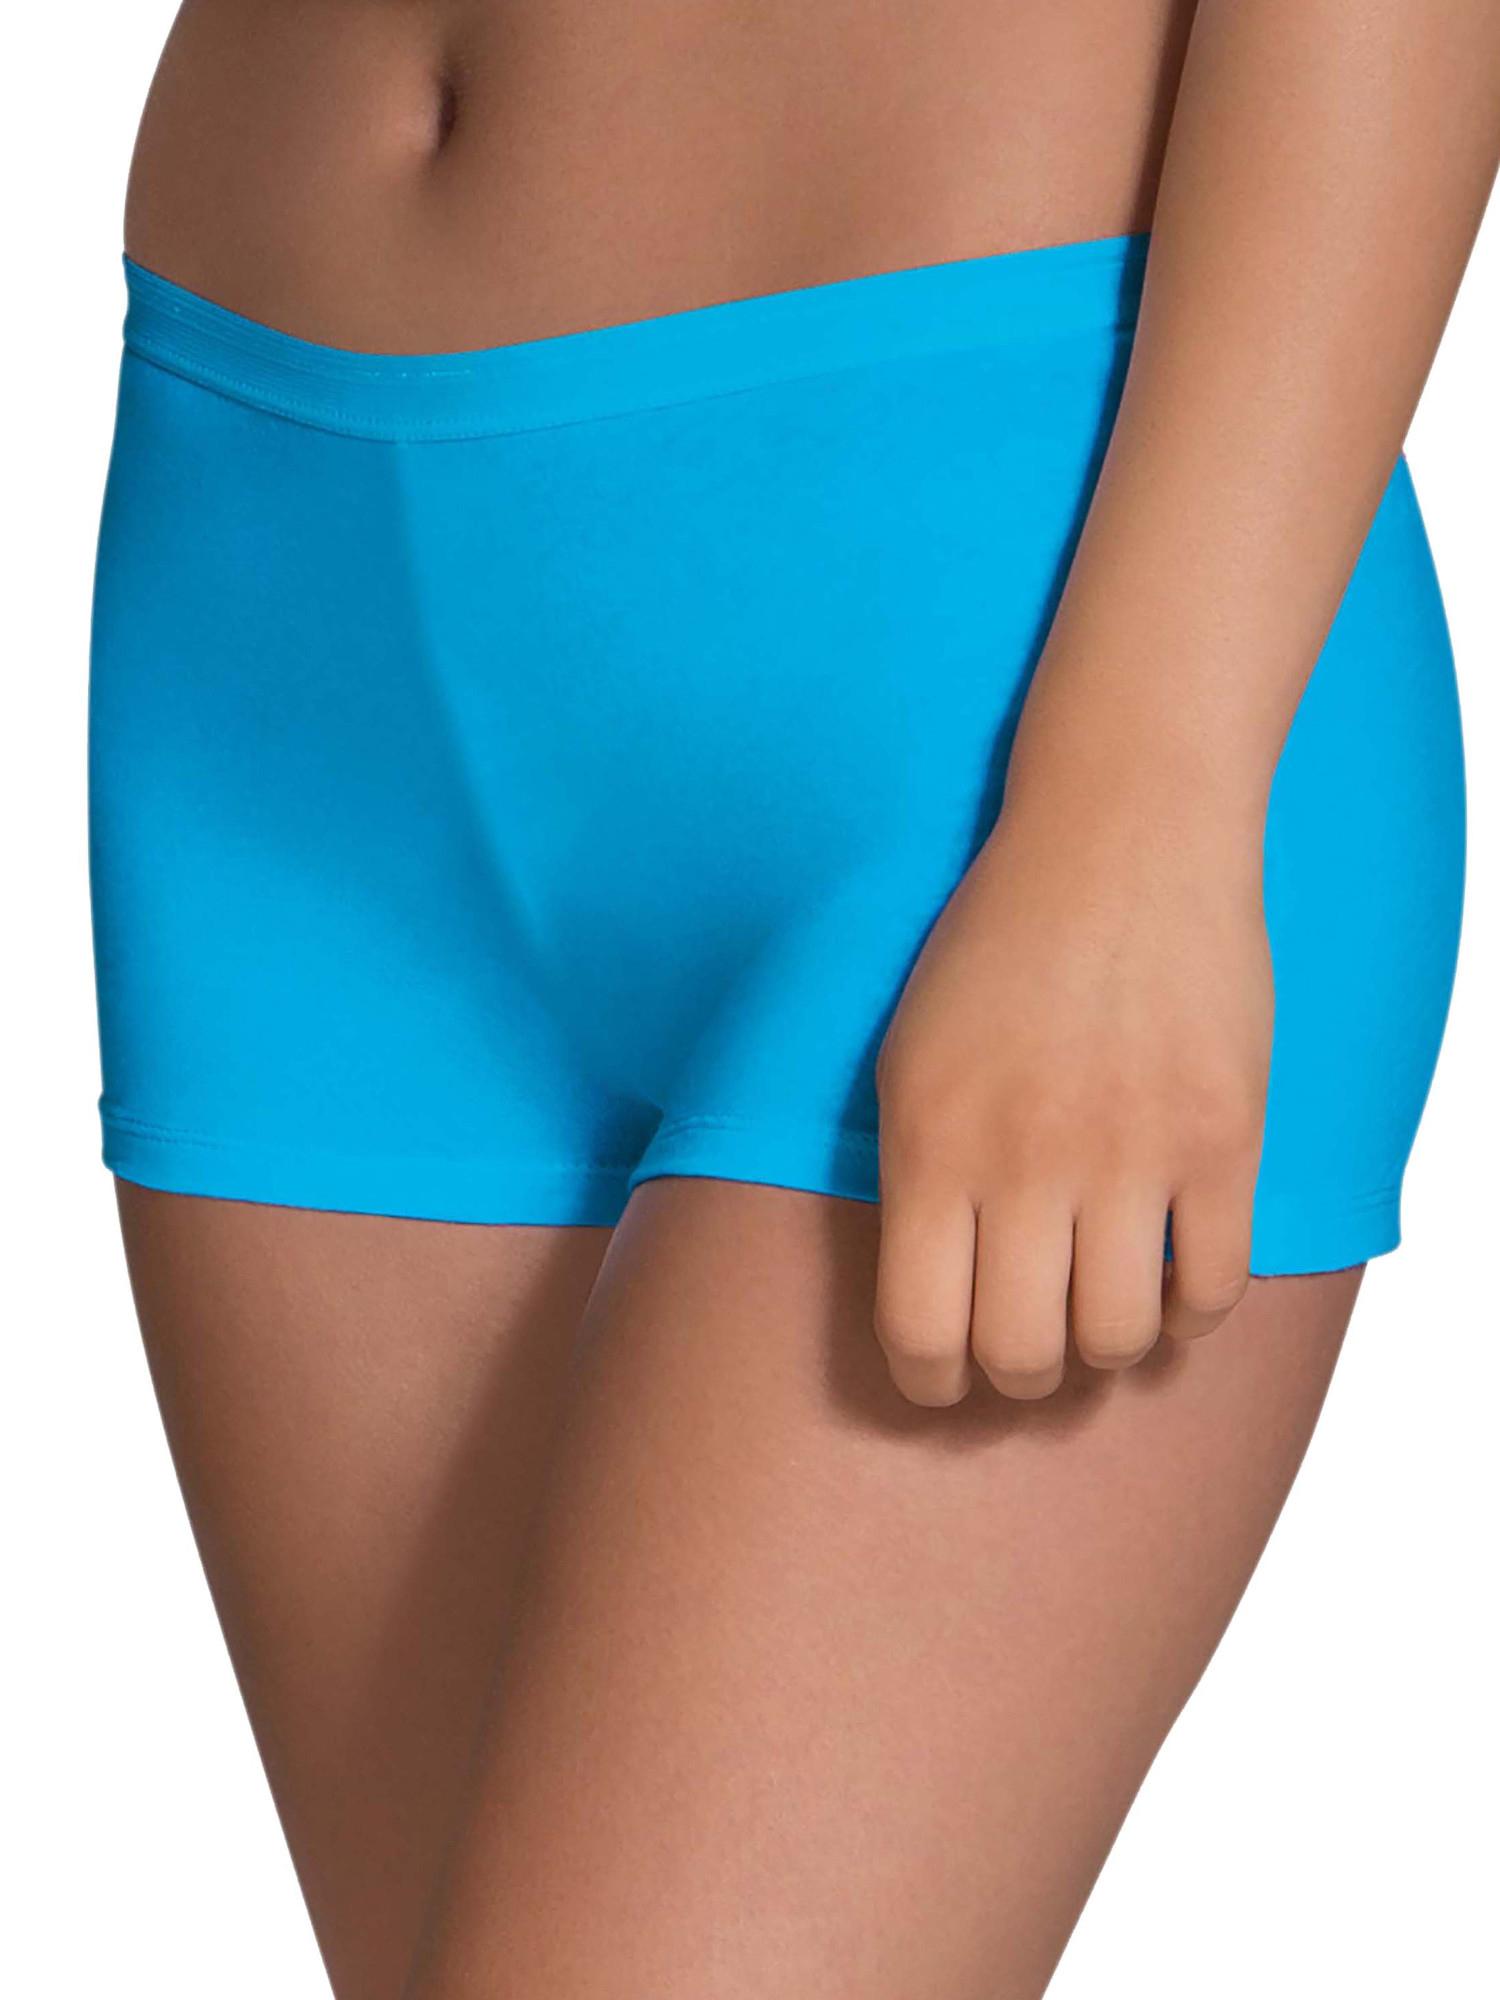 Women's Assorted Cotton Shortie Boyshort Panties - 6 Pack